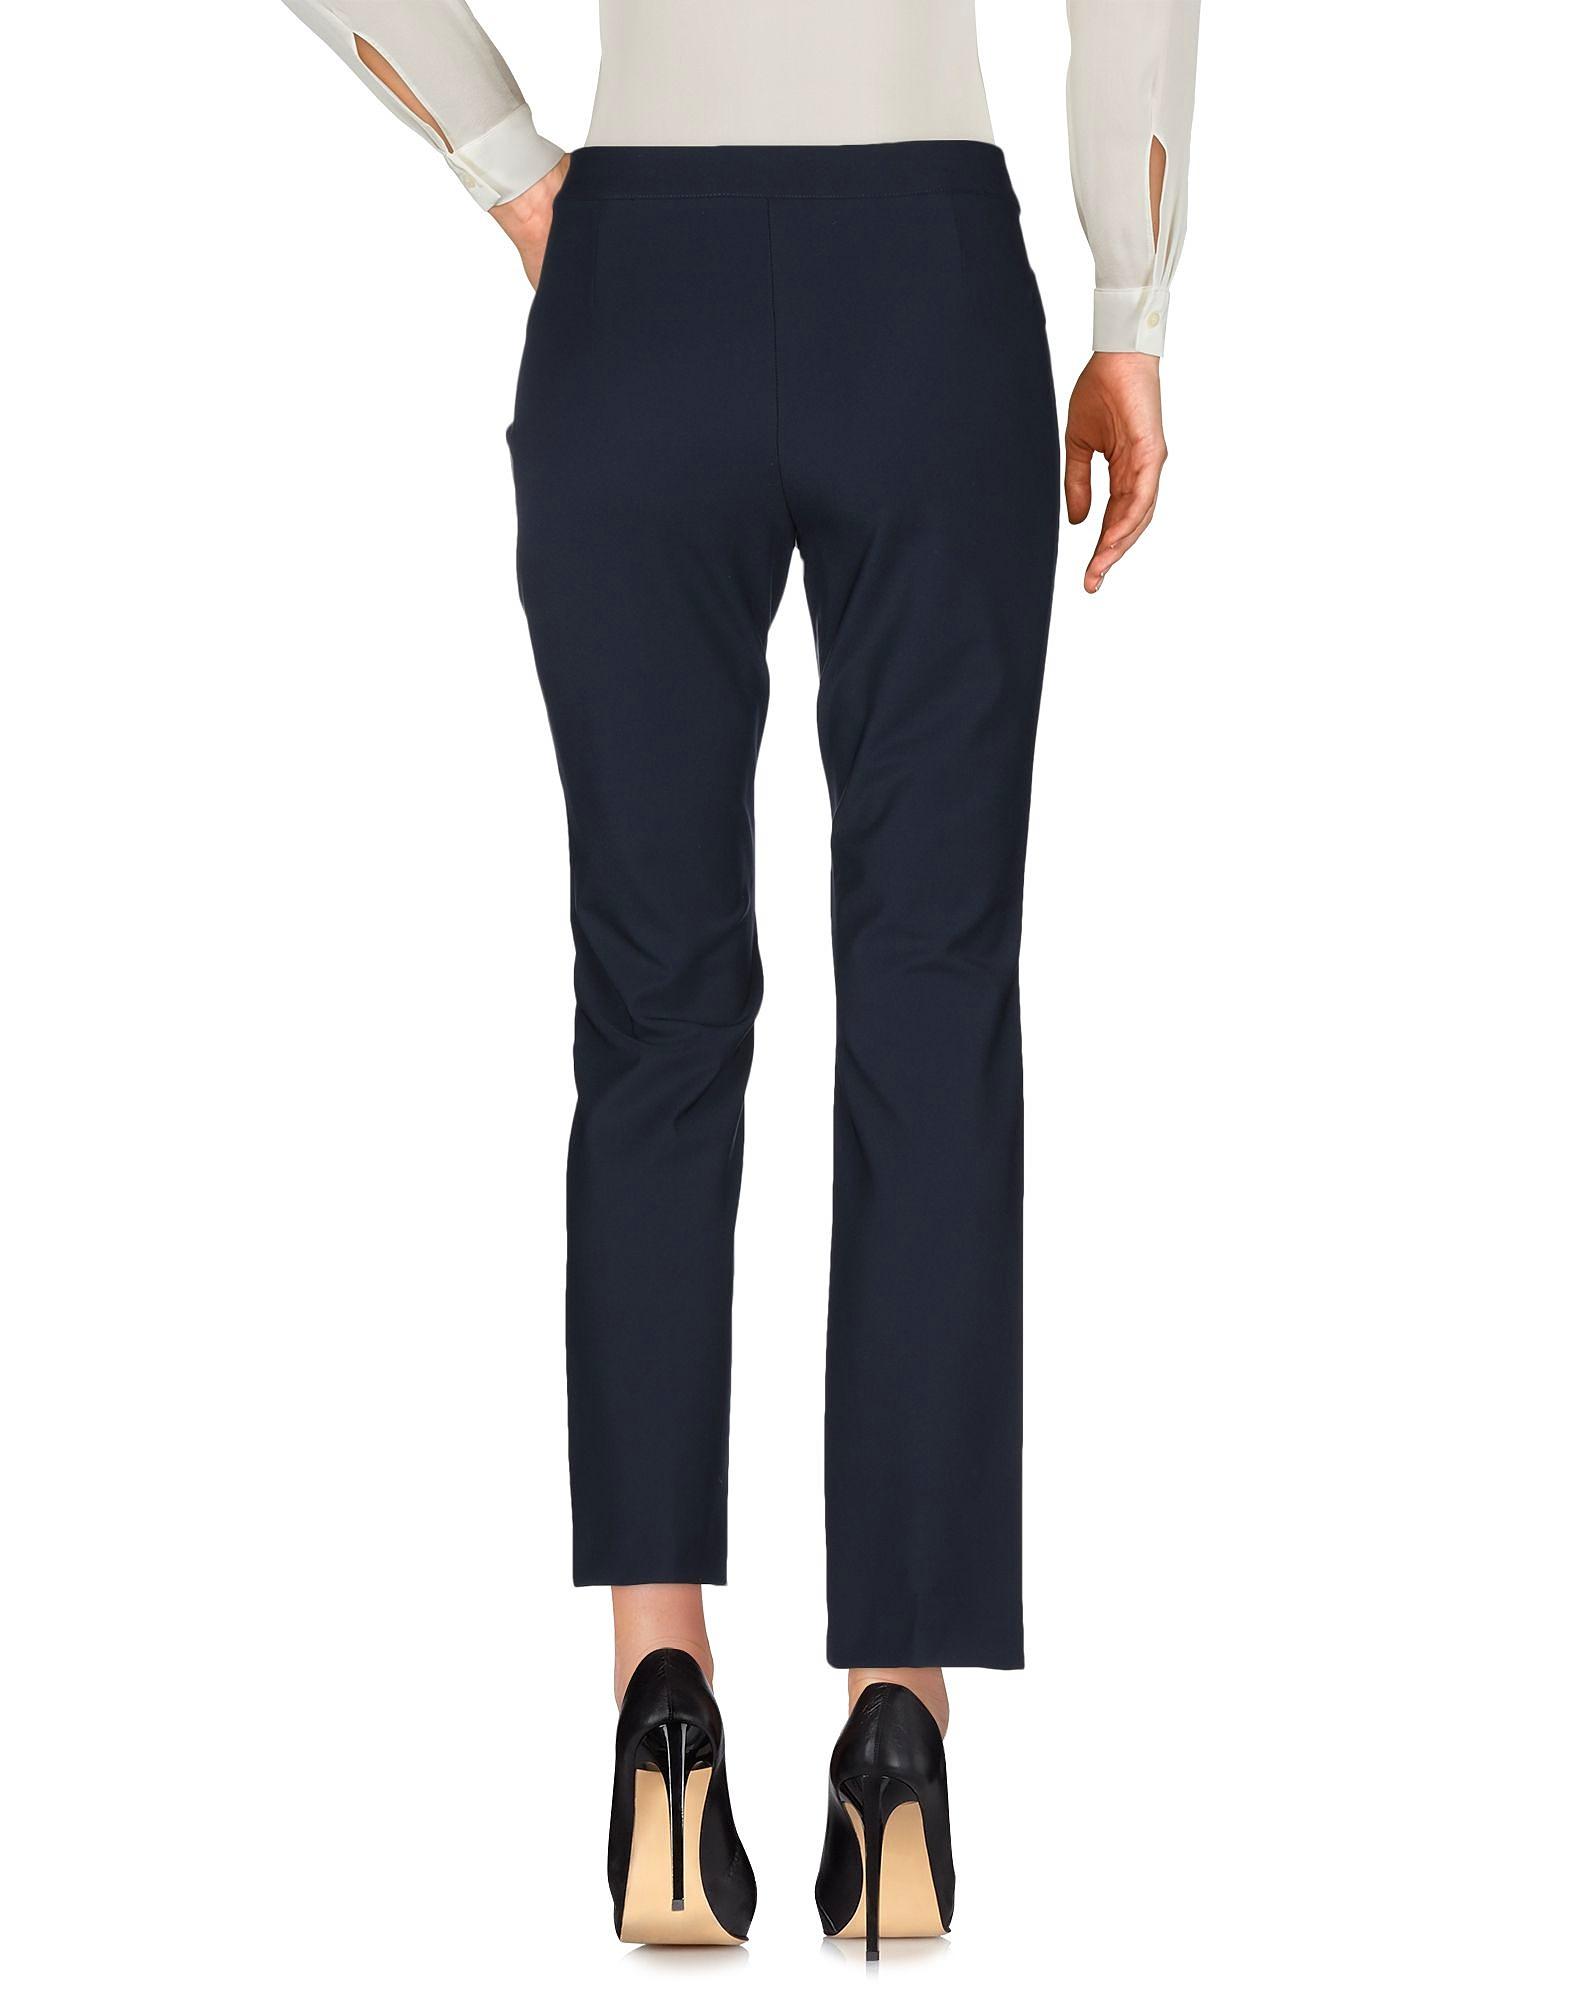 Pantalone cotone elasticizzato DIANA GALLESI | Pantaloni | P065R002S902